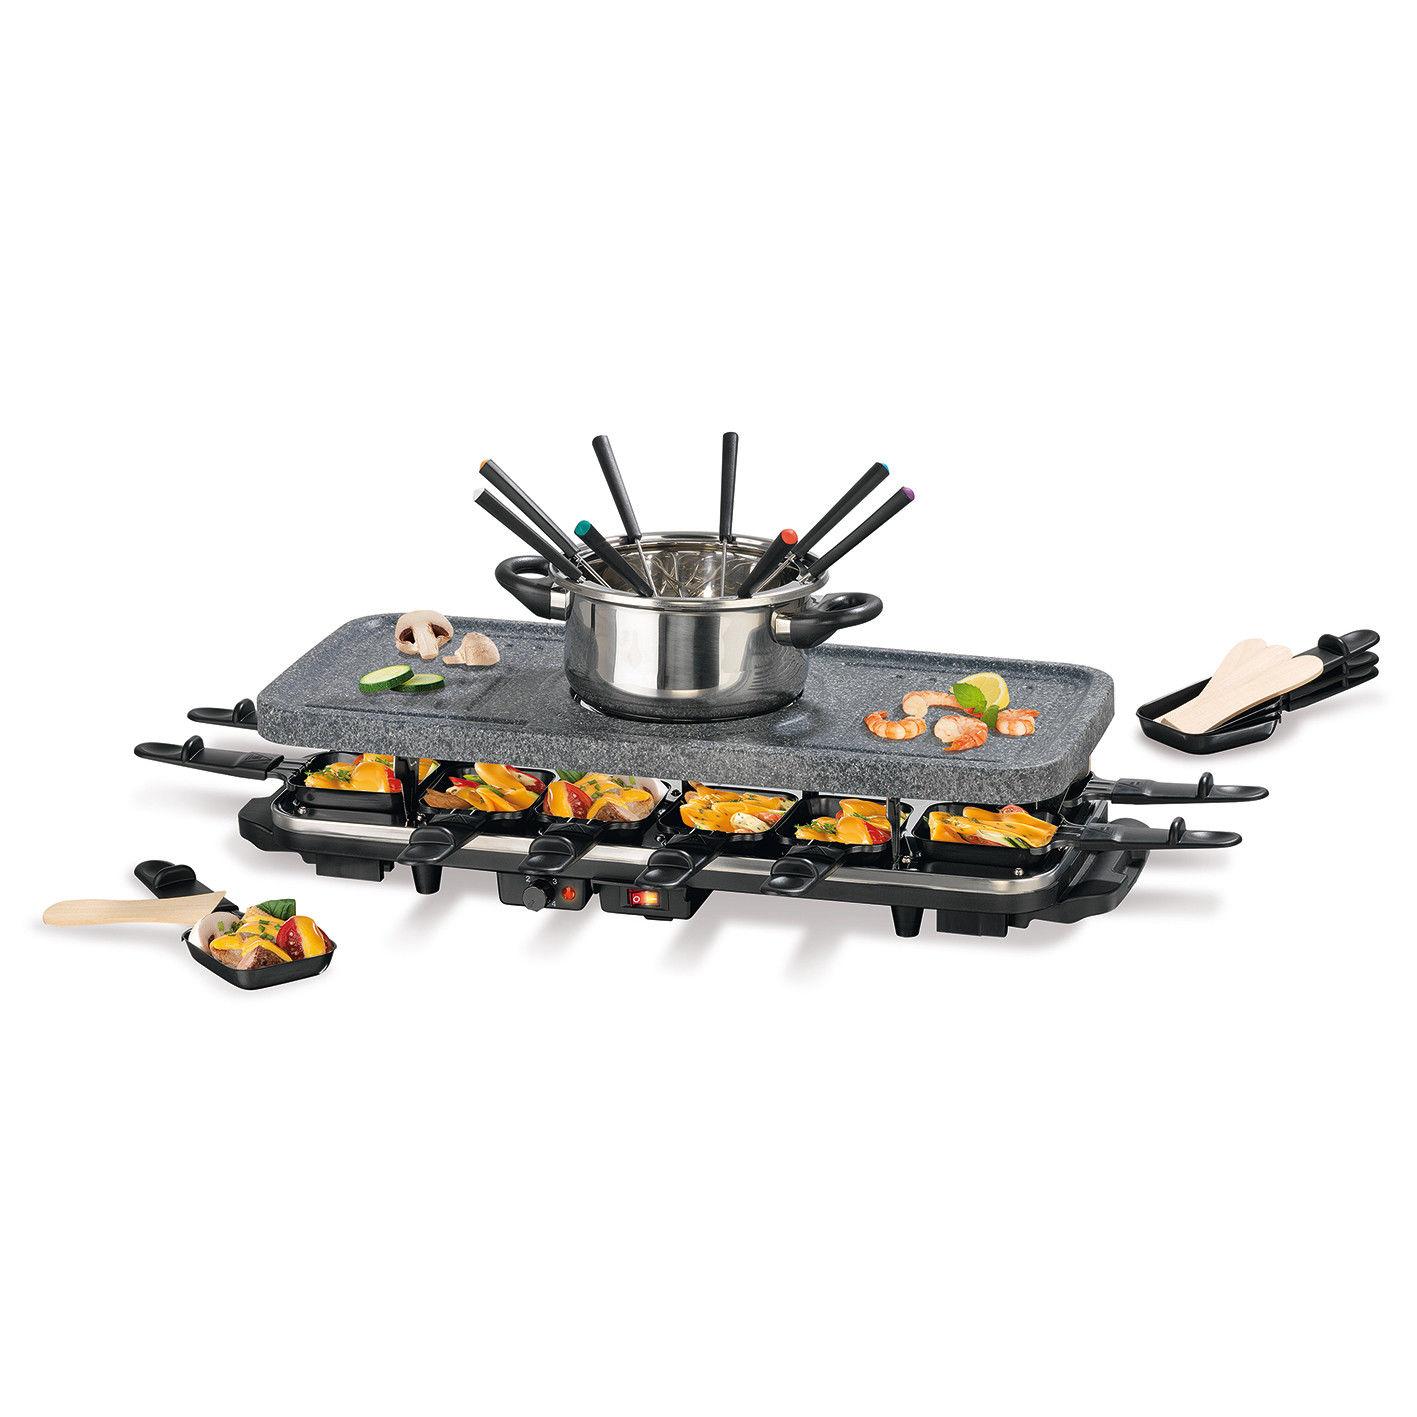 Bild zu GOURMETmaxx Raclette und Fondue Set für 44,99€ (Vergleich: 59,99€)